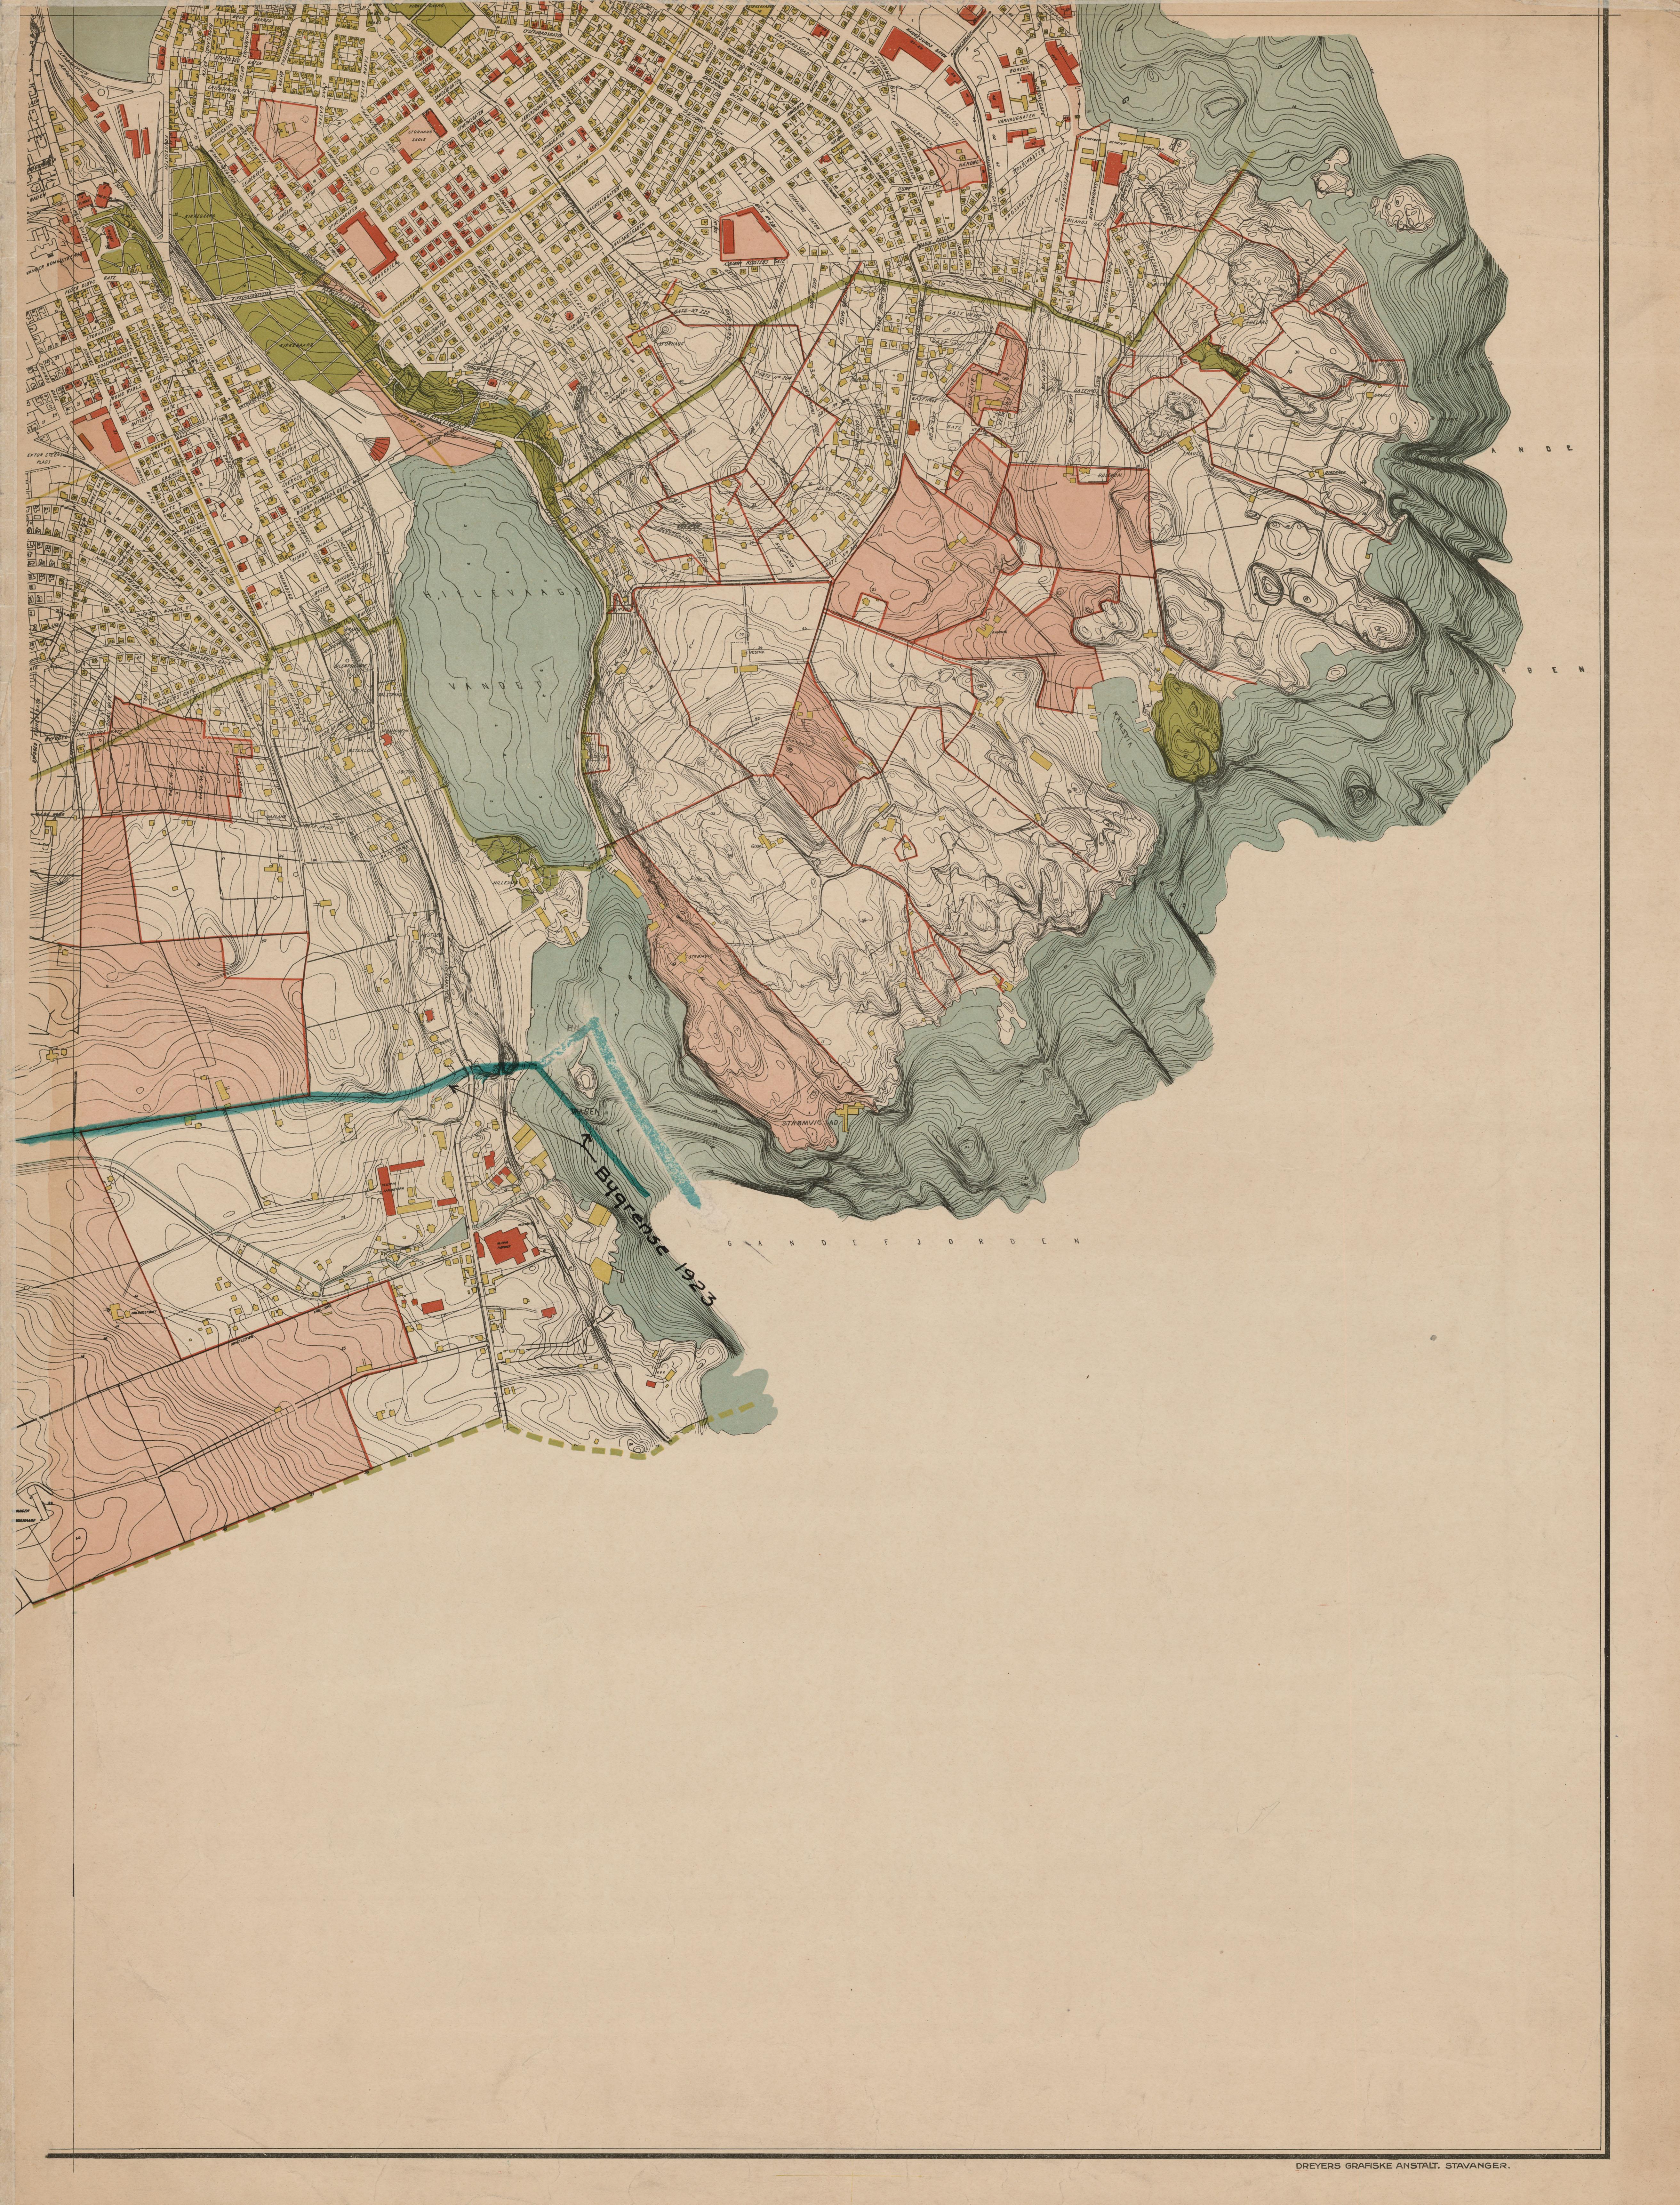 kart stavanger og omegn File:Stavanger amt nr 28 sø  Kart over Stavanger med nærmeste  kart stavanger og omegn